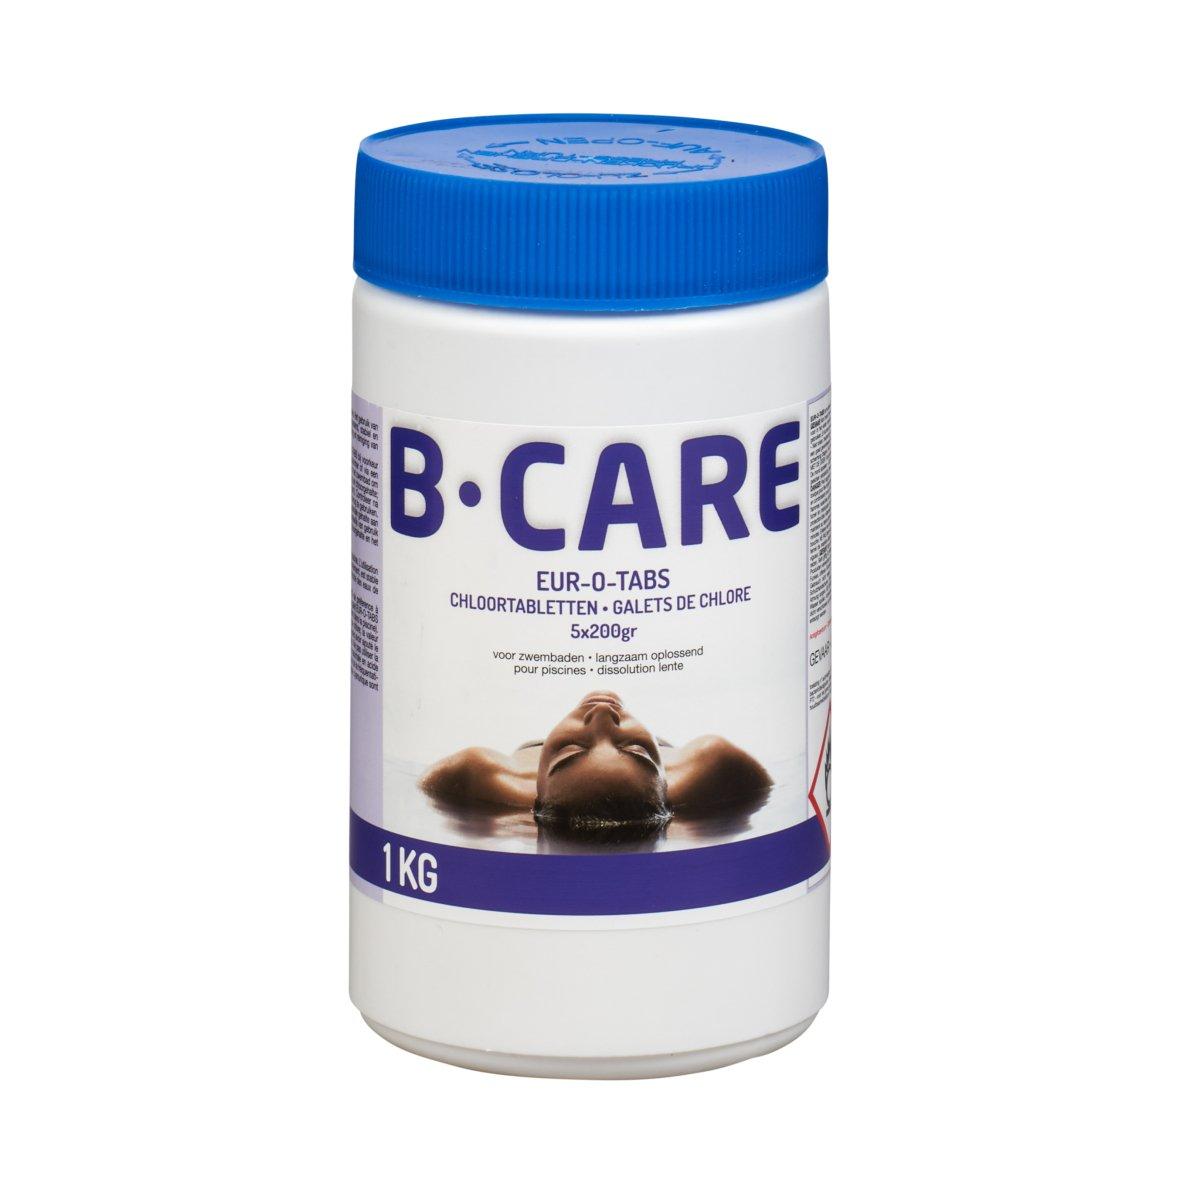 Chlorine B-care 1 kg 5 x 200 g